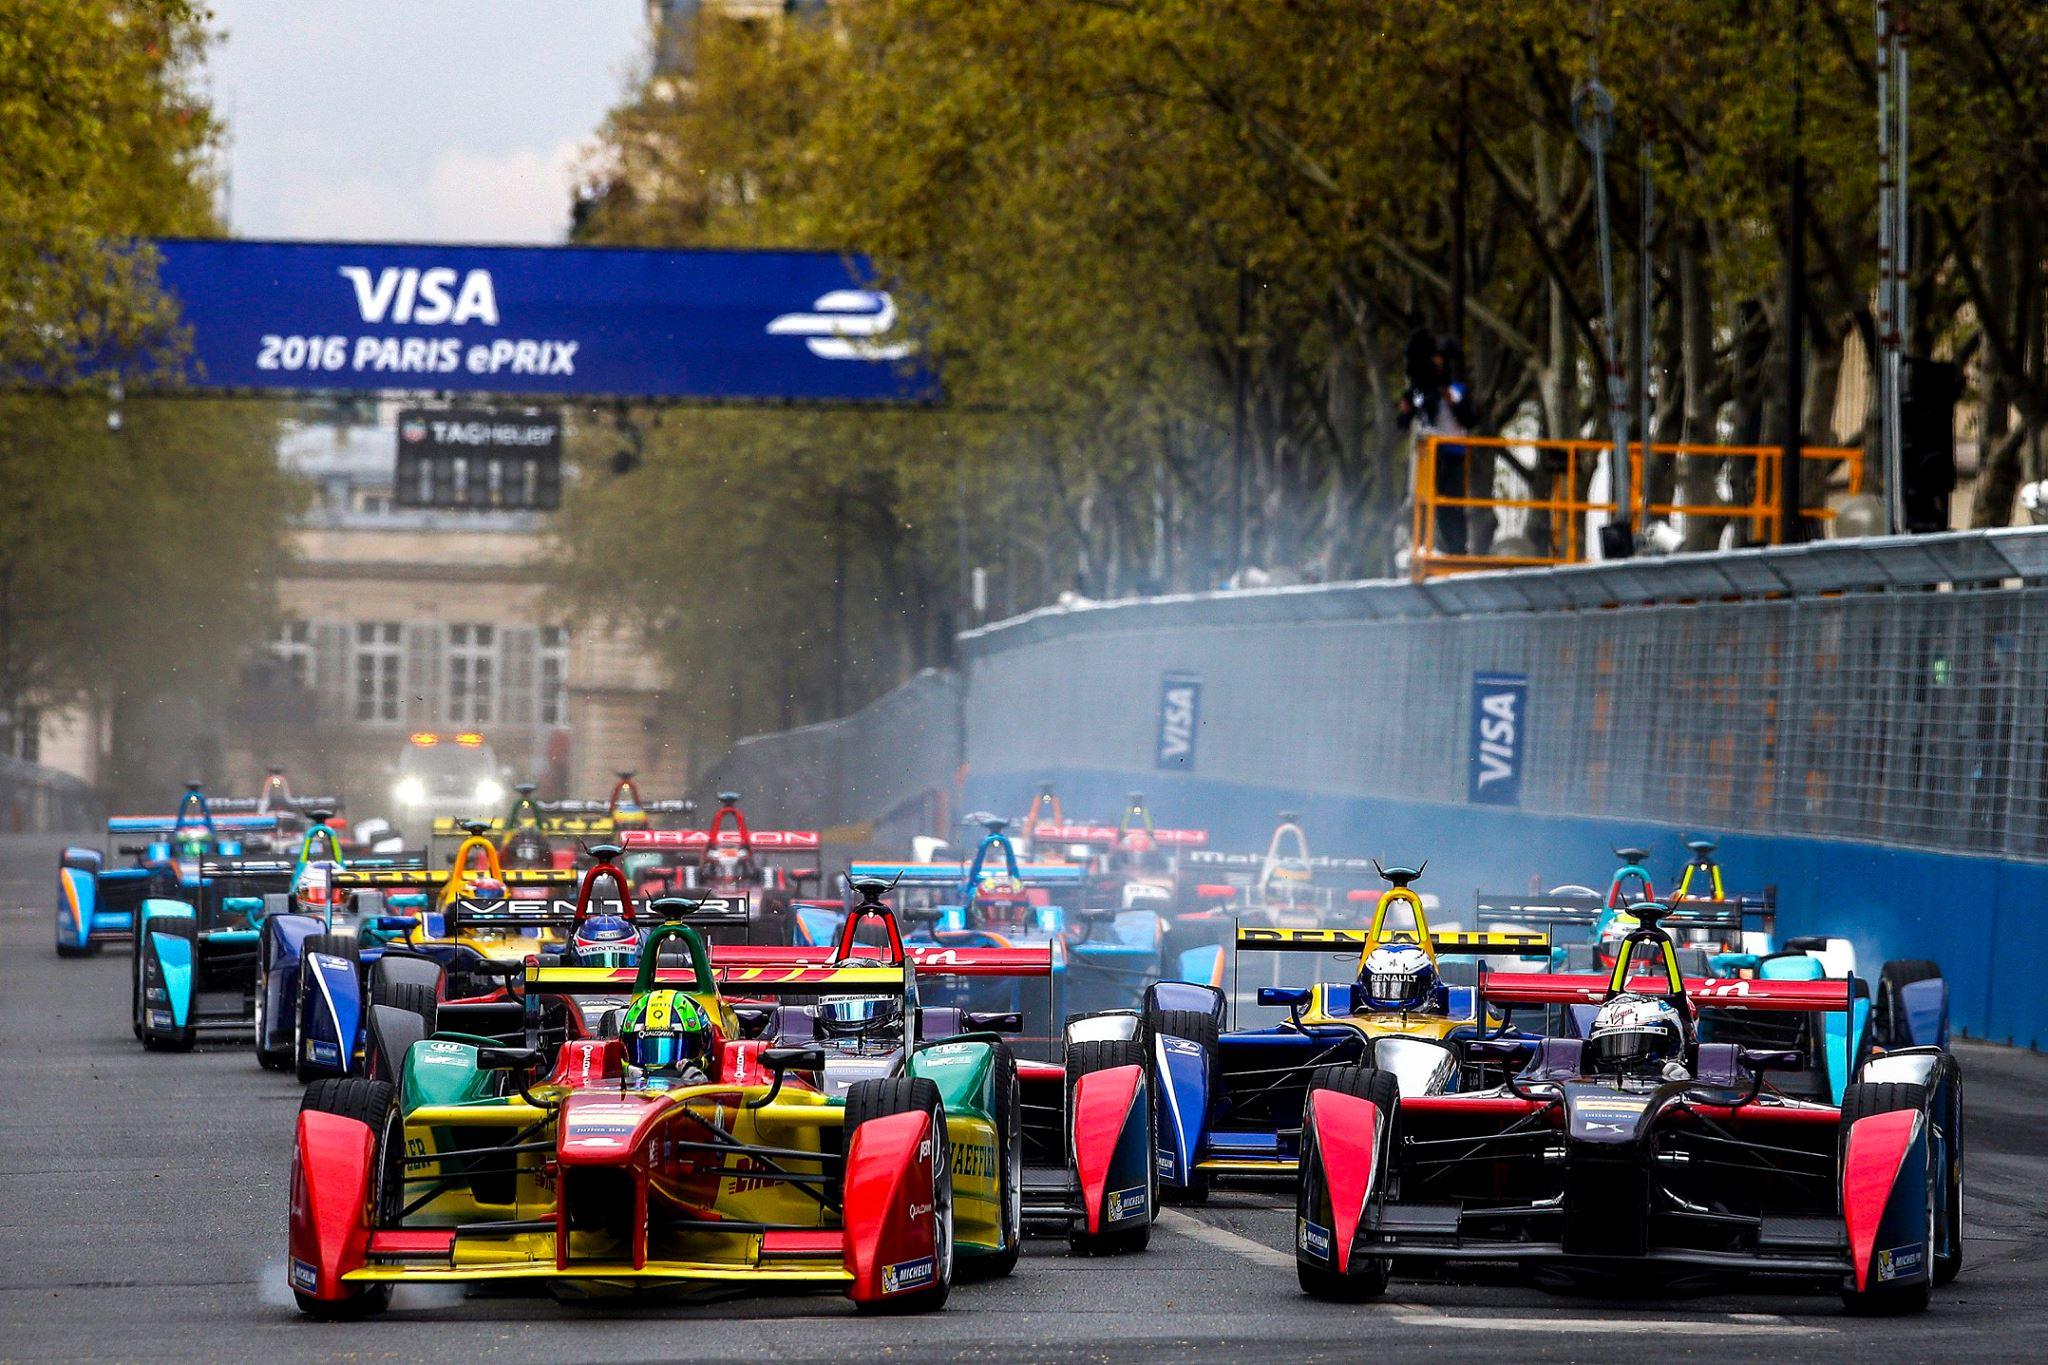 © FIA/Formule E - Lucas di Grassi creuse son avance en tête du classement général des pilotes